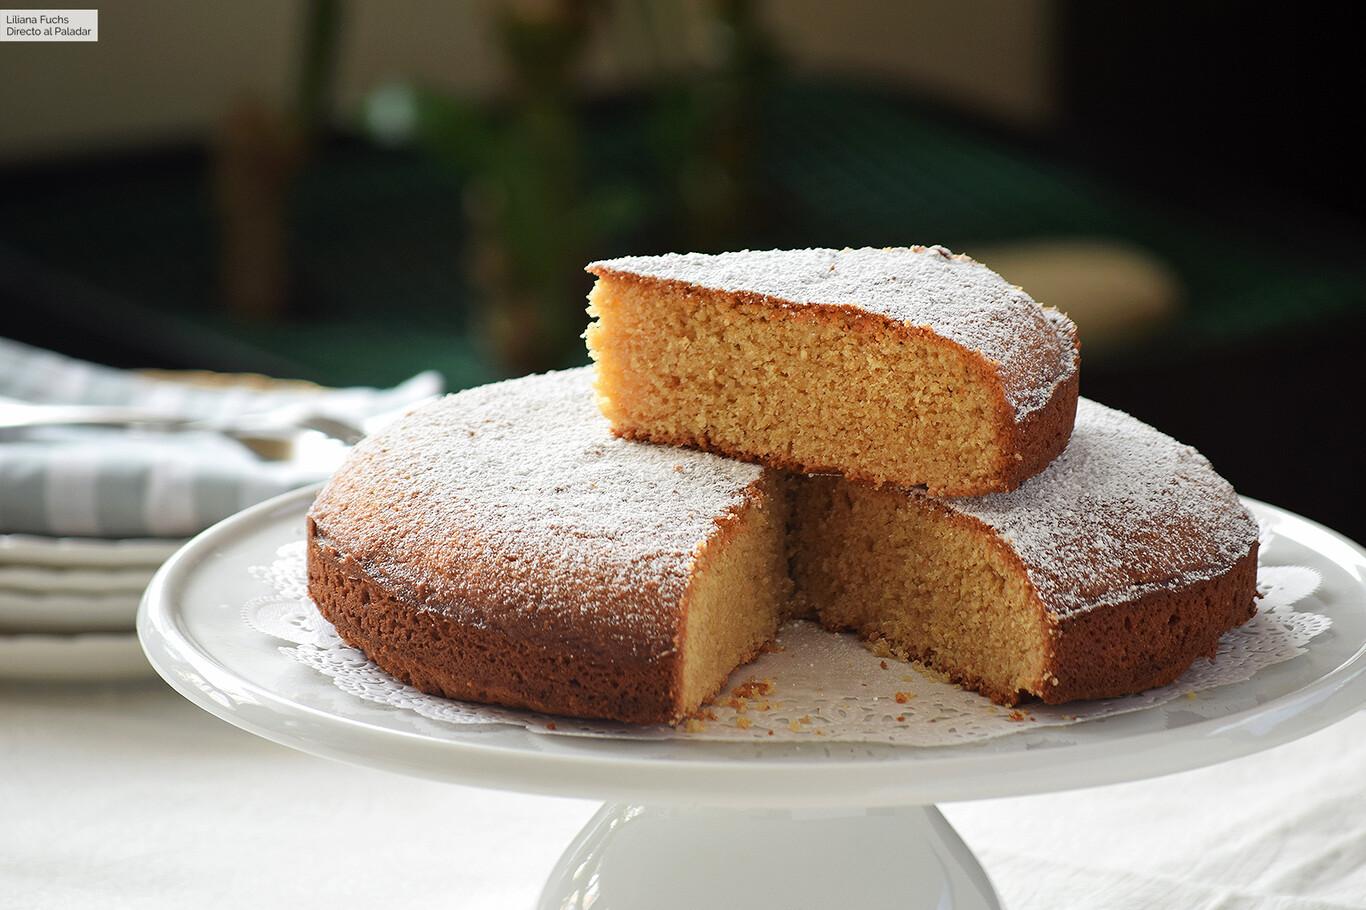 Ricetta Torta Ortigara.Torta Ortigara O Bizcocho Italiano De Almendra Receta De Postre Facil Y Sencilla